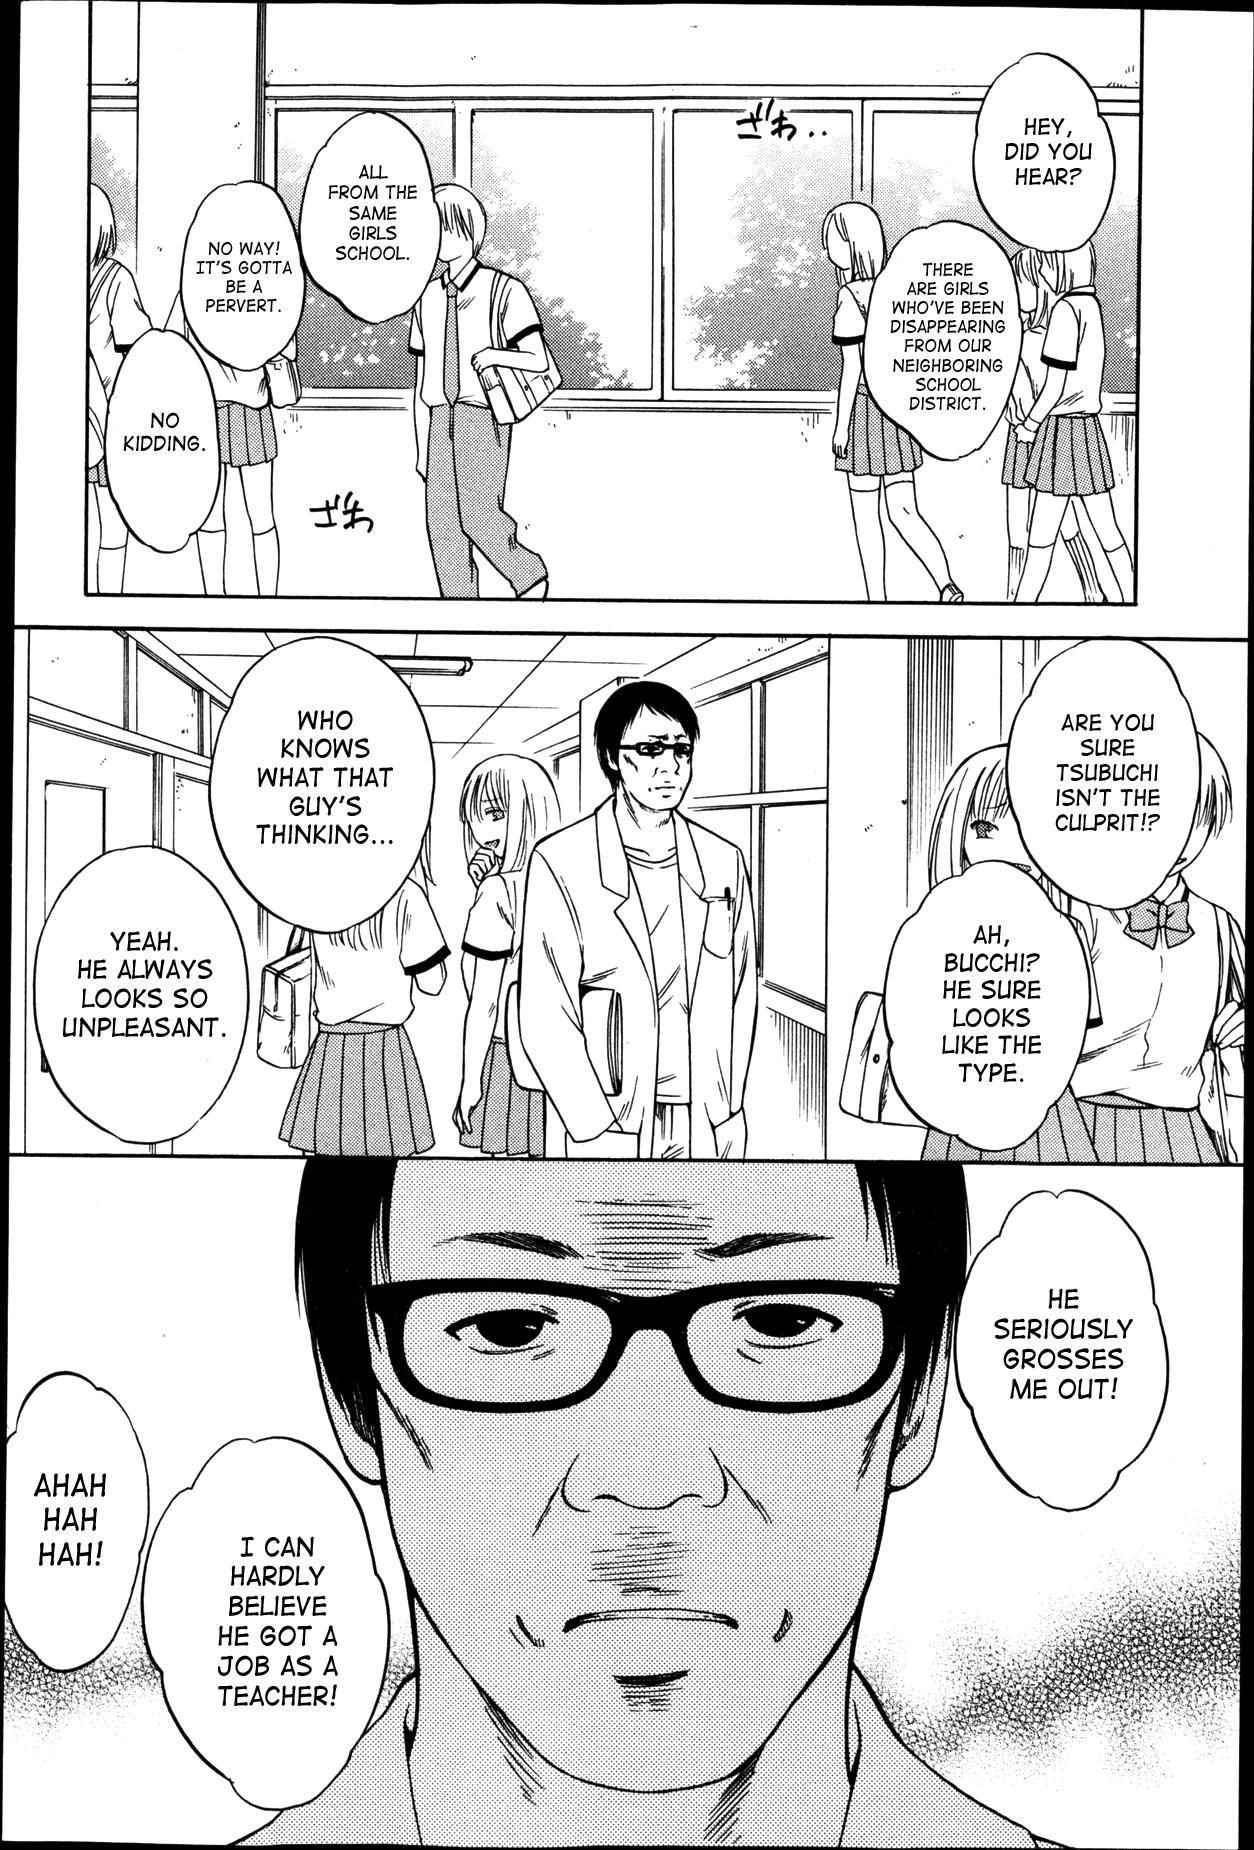 [Harusawa] Yoru ga Akenai - There is no dawn. Ch. 0-4 [English] [SaHa] 7